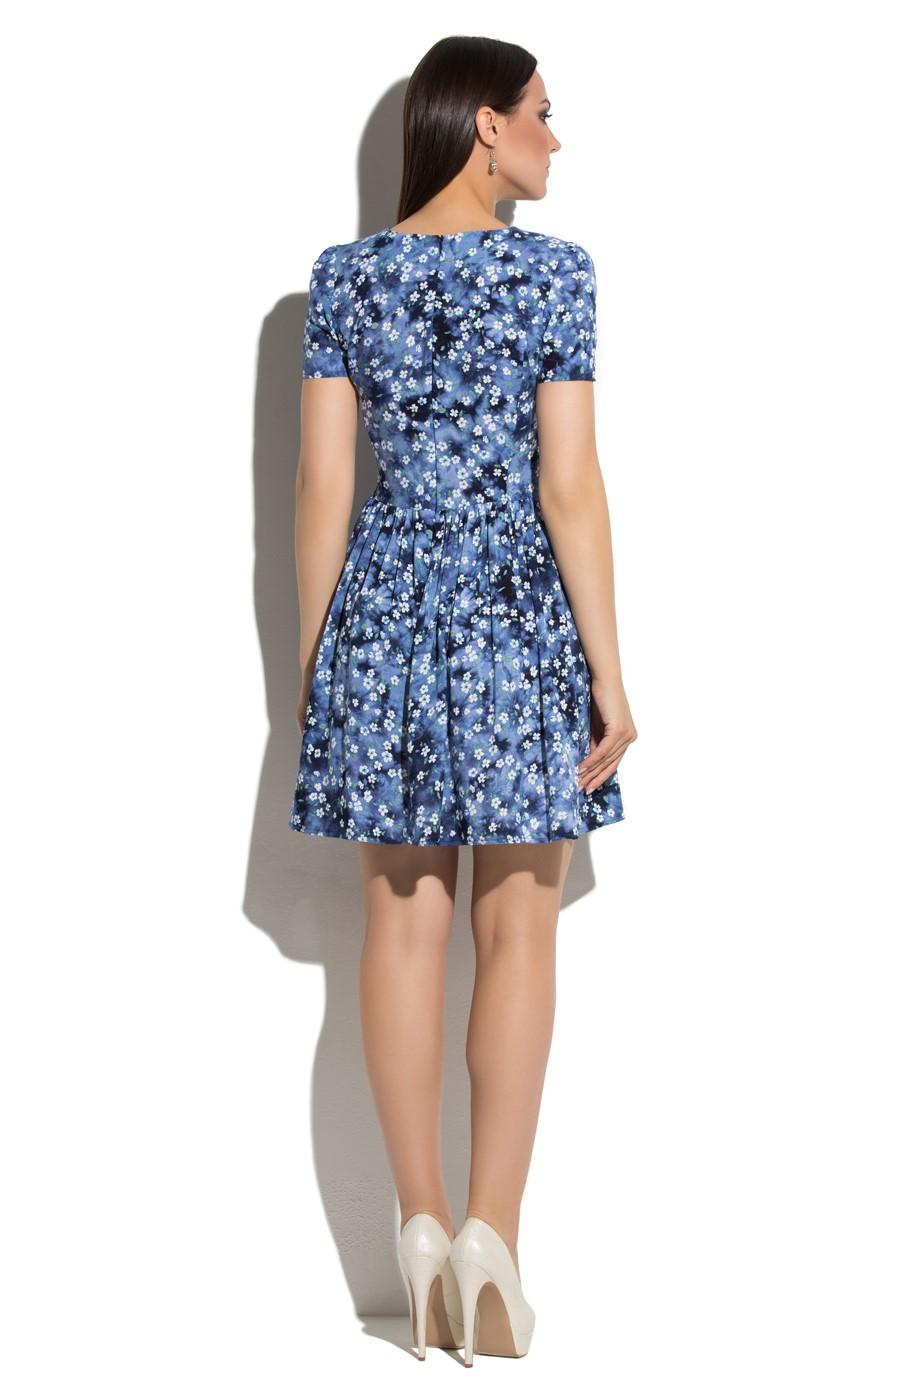 8a23473af7d Синее короткое платье с цветами Donna Saggia DSP-65-51. Увеличить. Чтобы  увеличить изображение